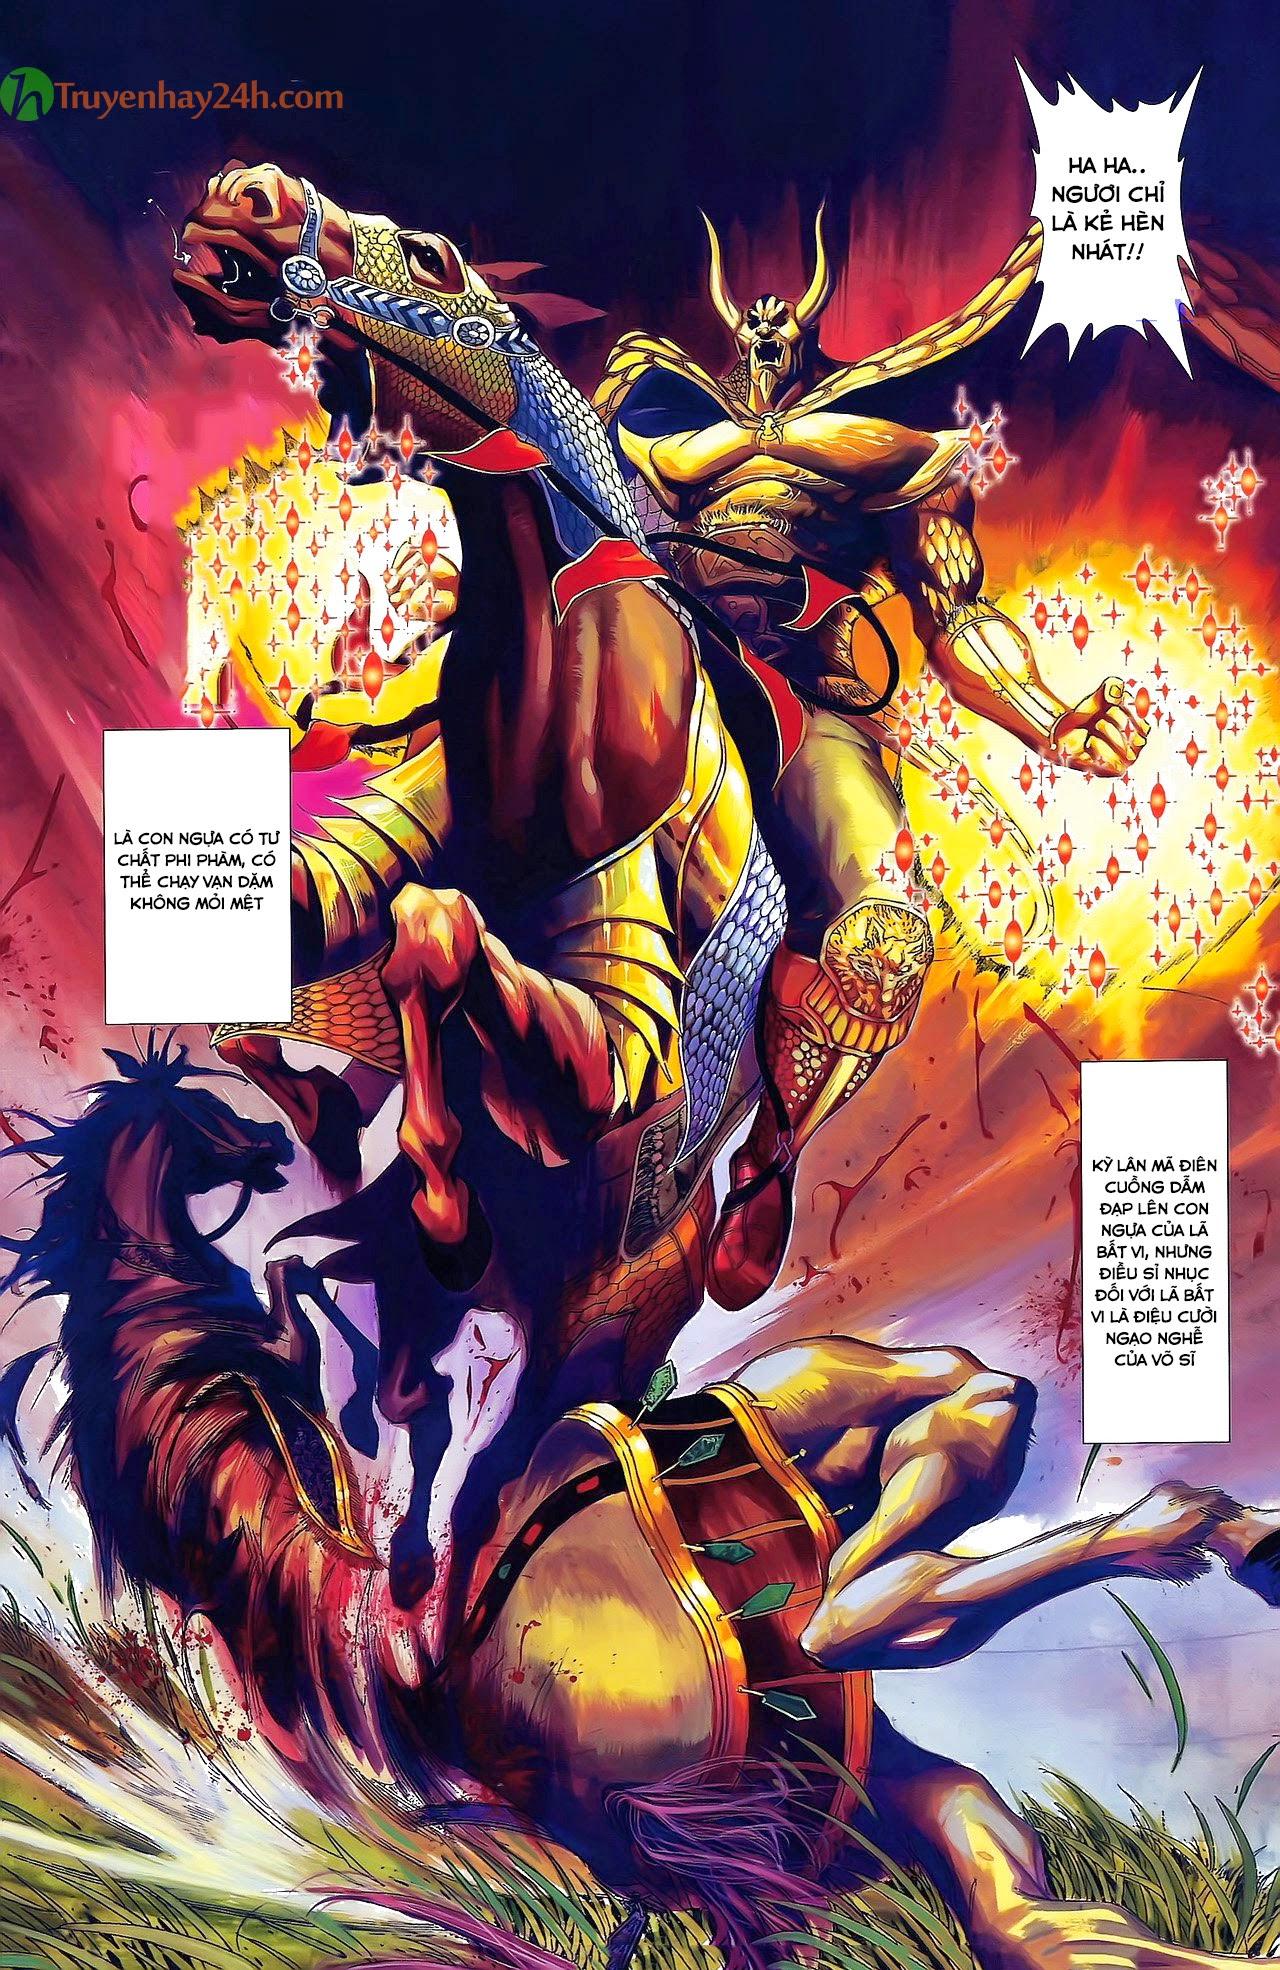 Tần Vương Doanh Chính chapter 31 trang 7